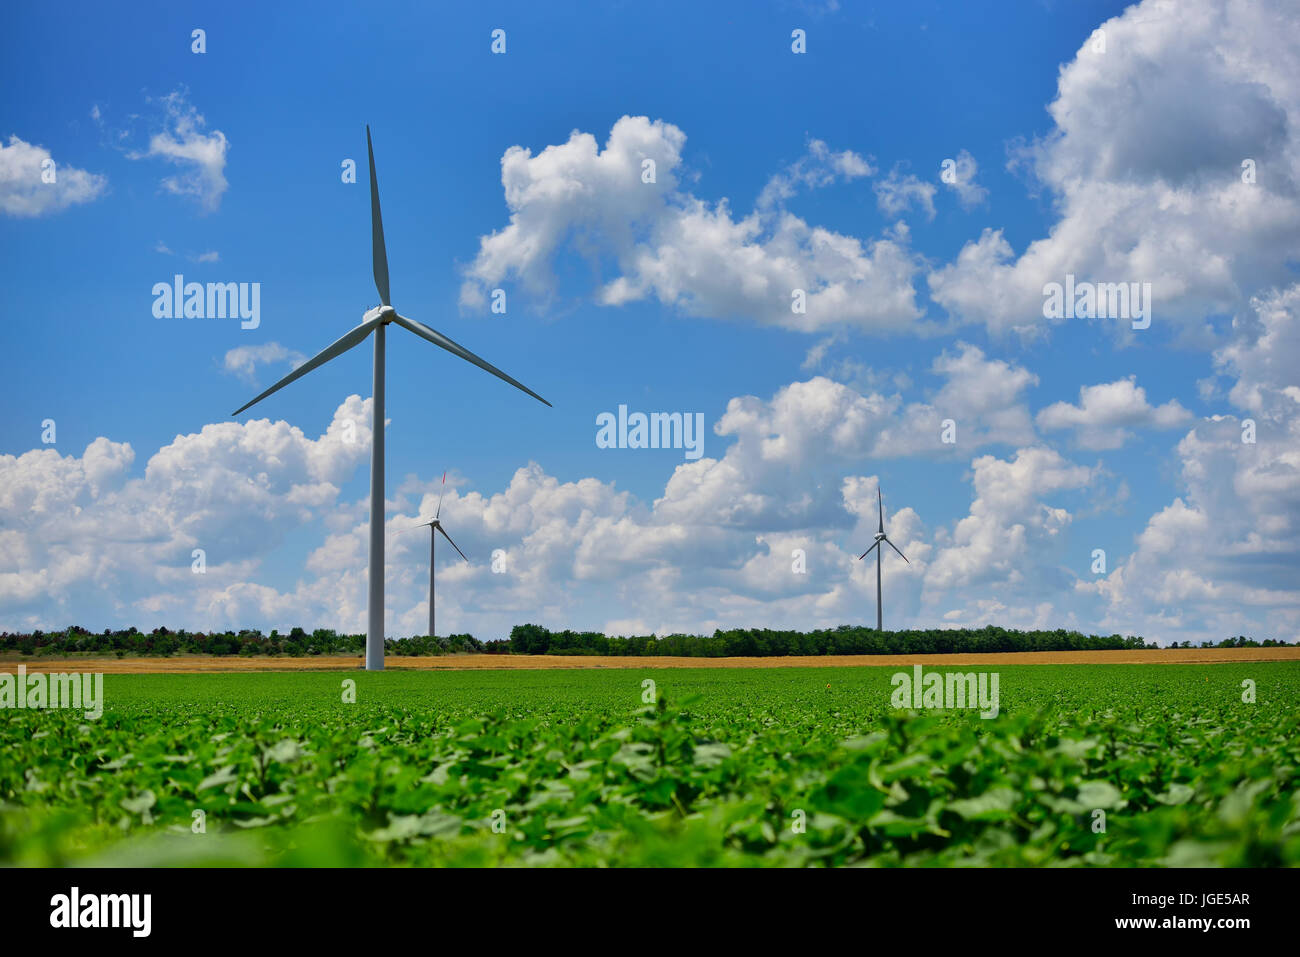 Champ éolien éoliennes et ferme sur contryside dans une journée ensoleillée Banque D'Images